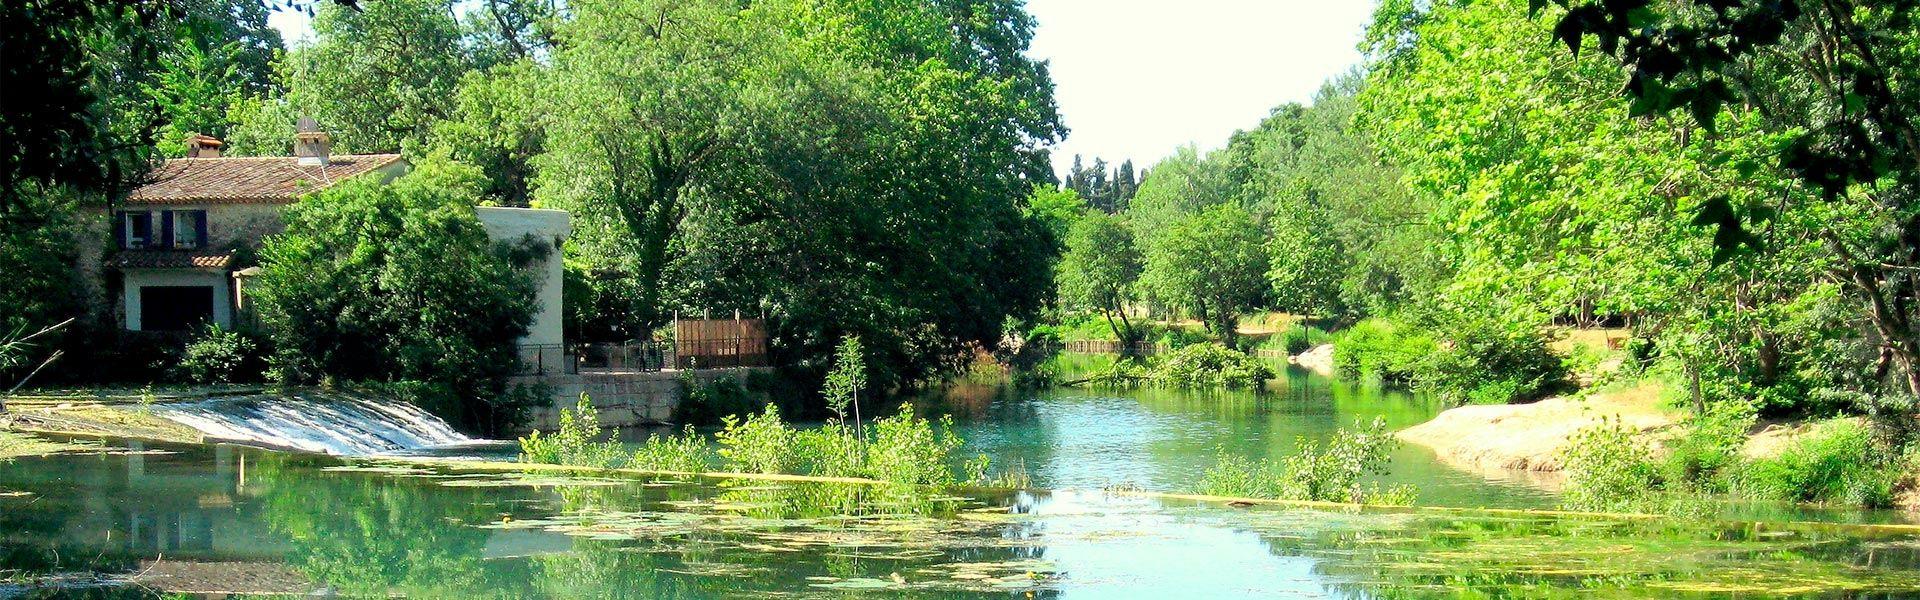 Camping Castelnau-le-Lez